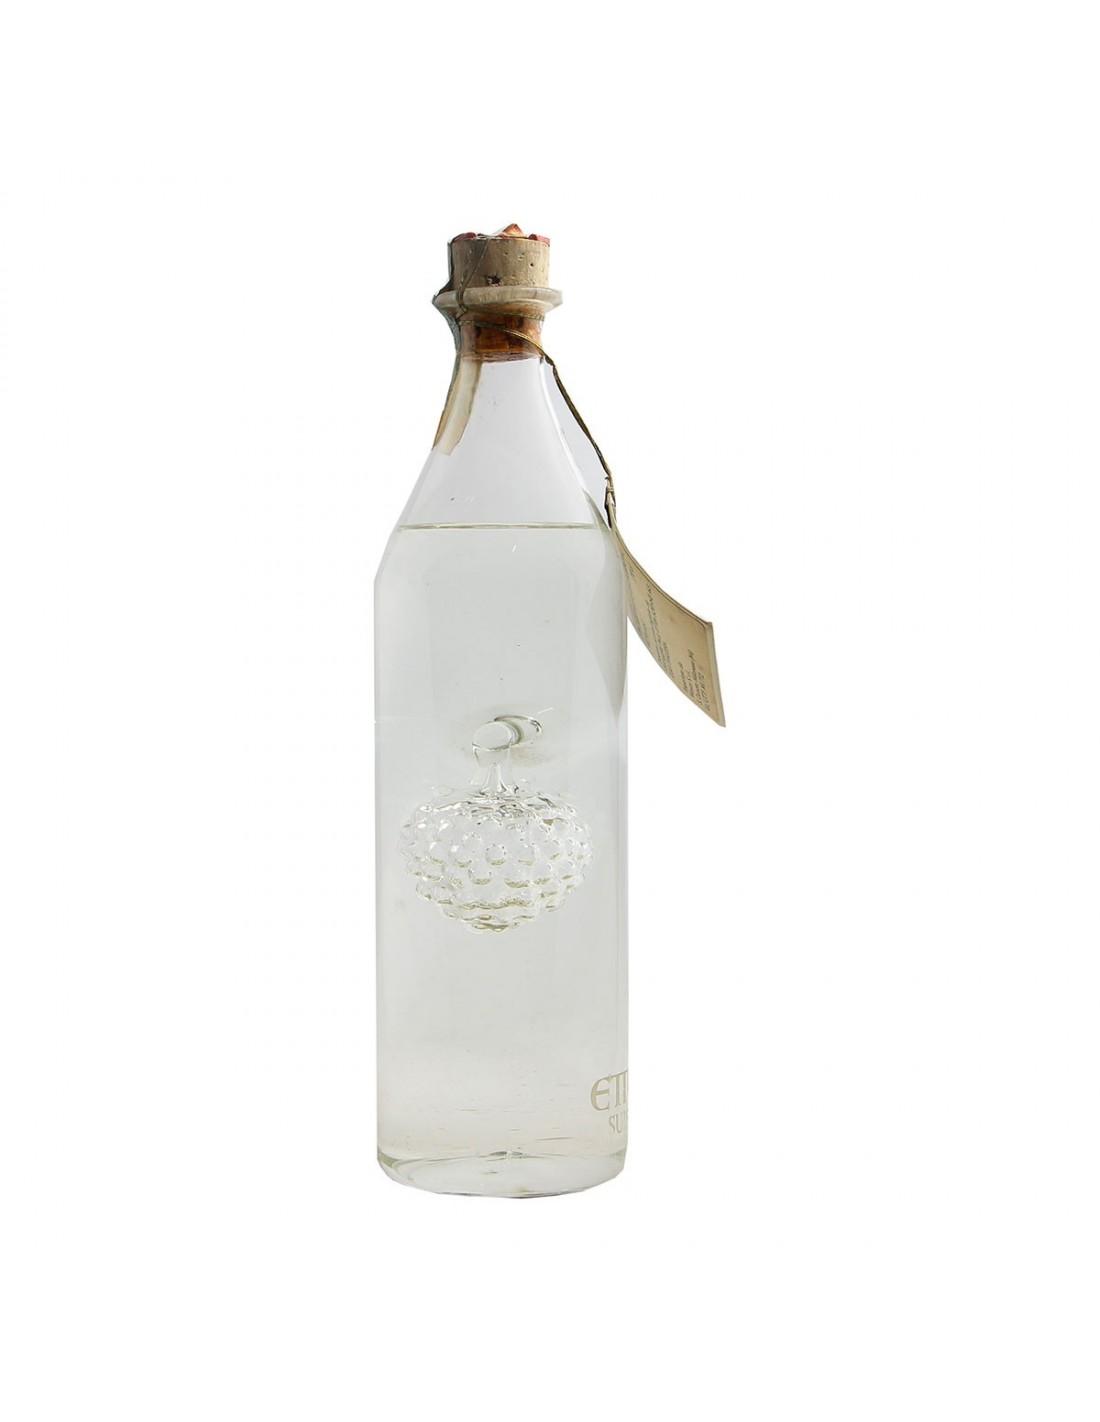 ACQUAVITE DI LAMPONI 70CL NV PAUL ETTER Grandi Bottiglie